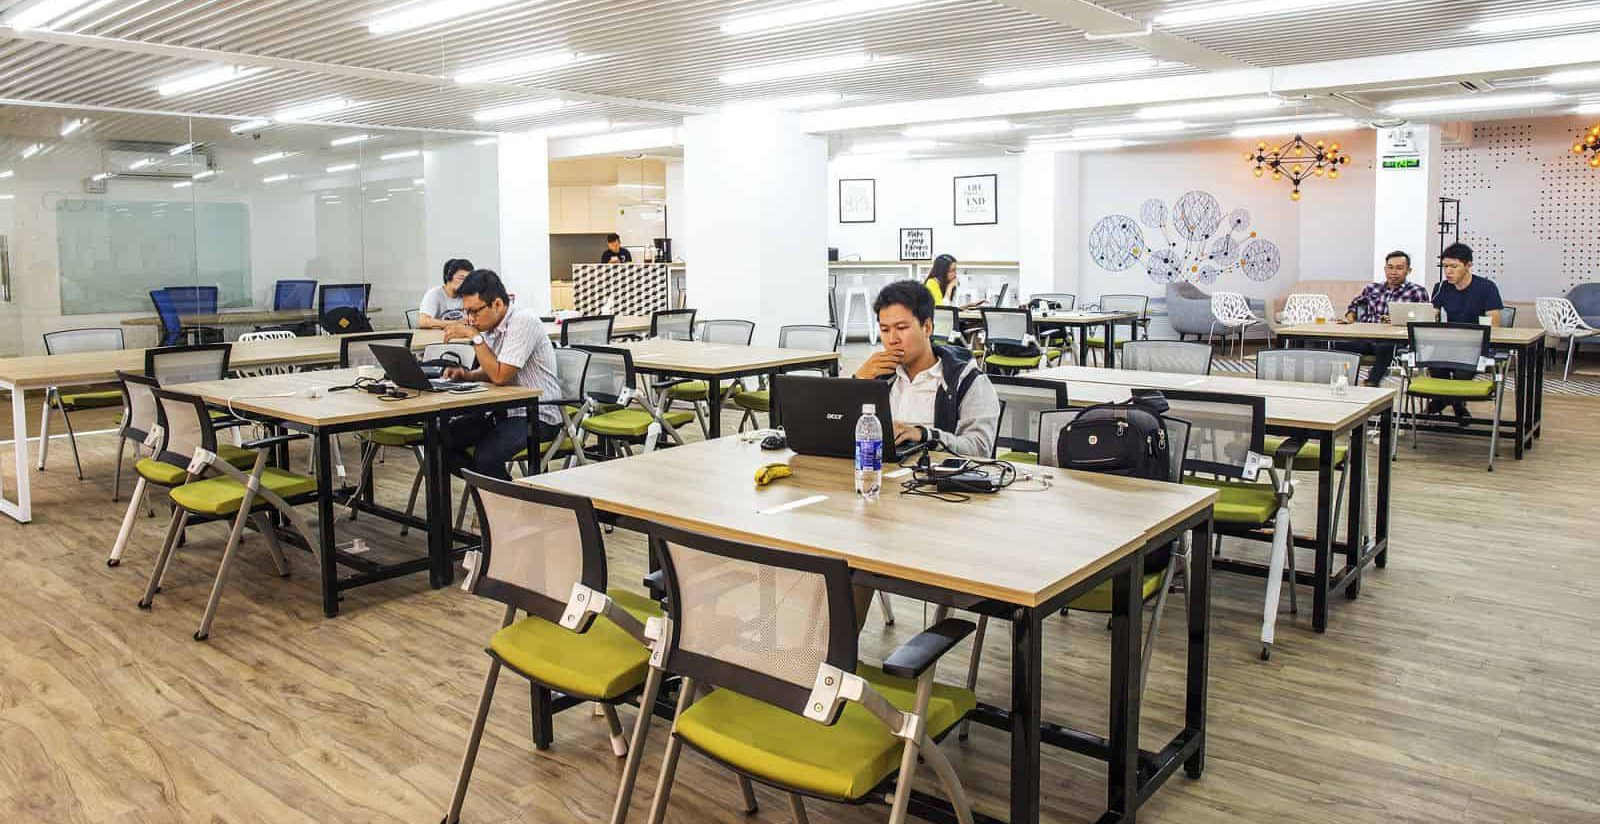 Mô hình thuê chỗ ngồi làm việc